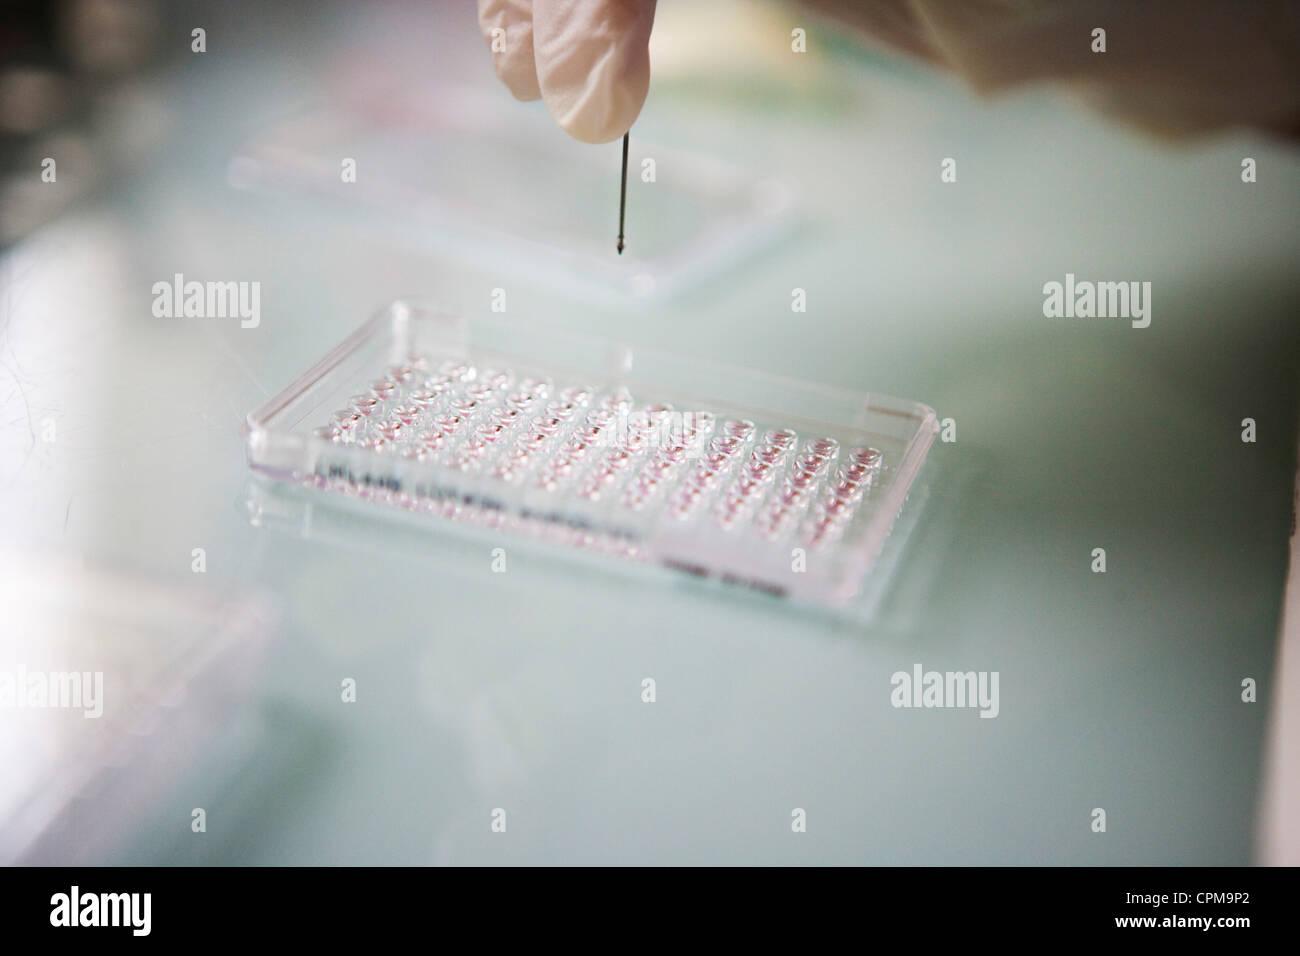 BLOOD ANALYSIS - Stock Image